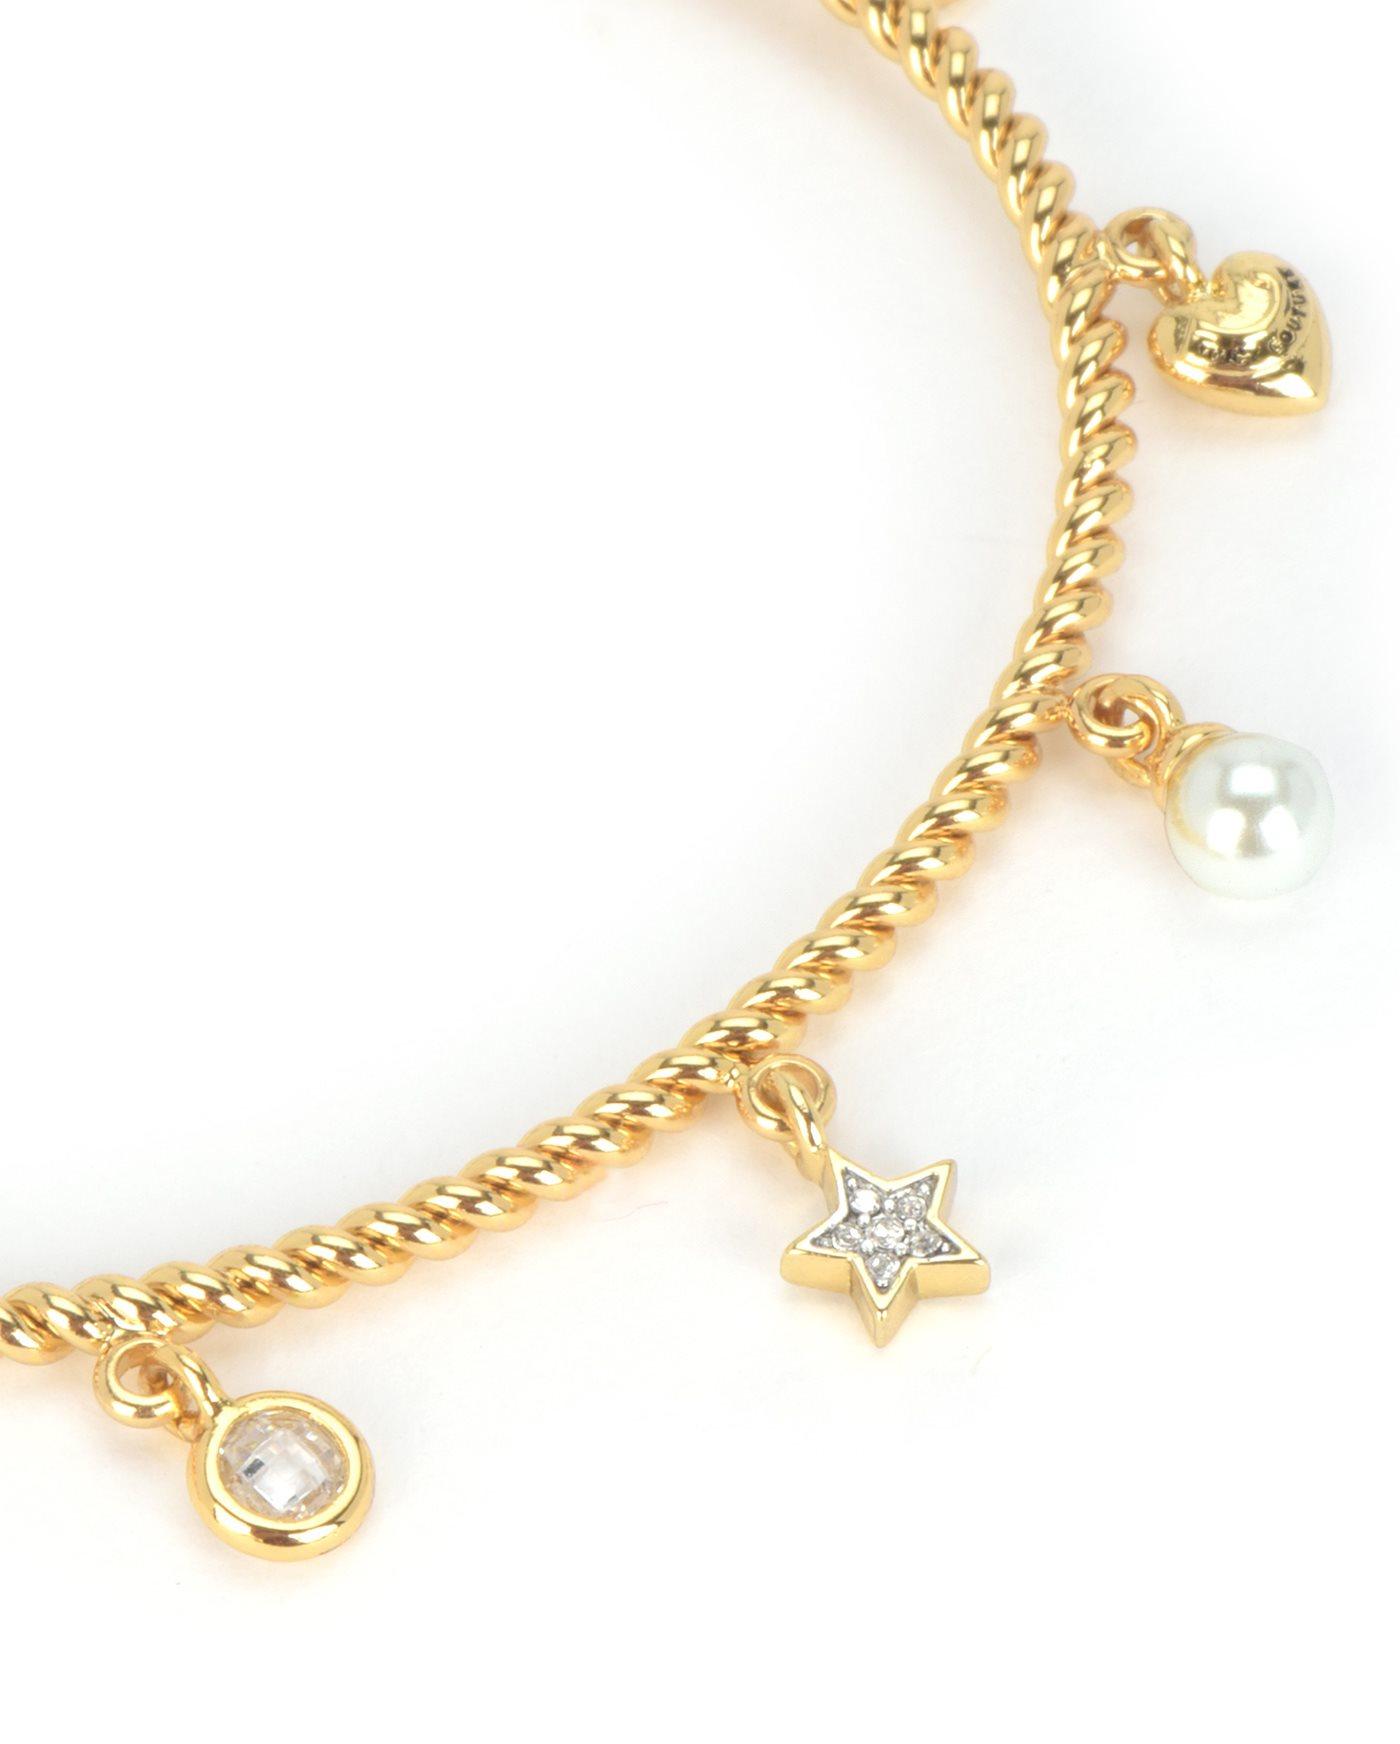 Juicy Couture Gold Charm Bracelets Design Ideas